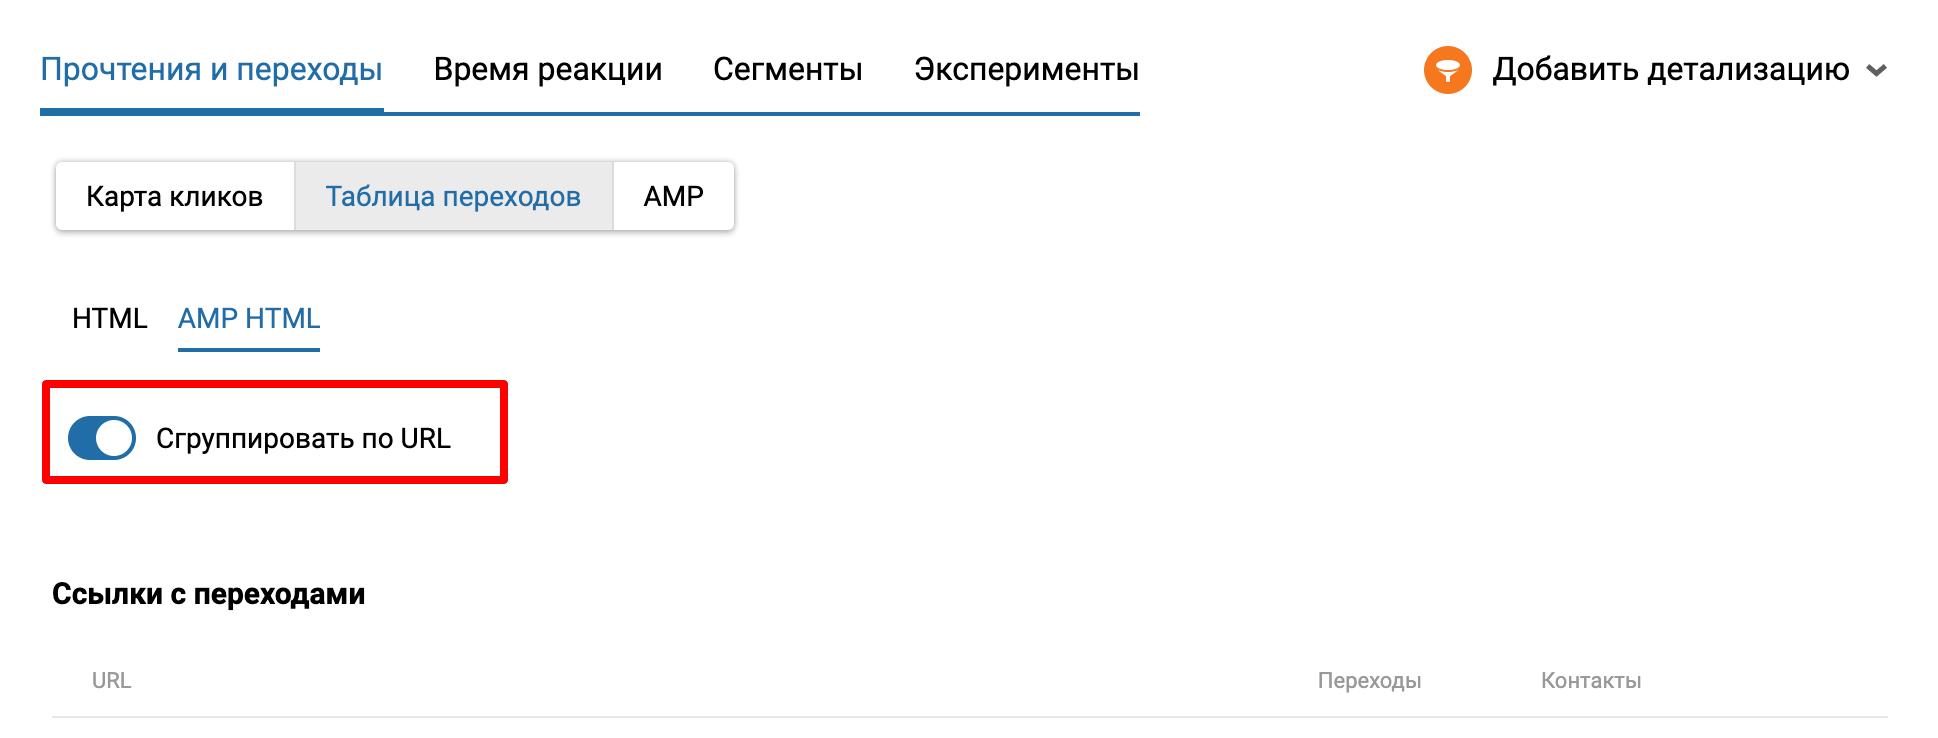 Сгруппировать по URL